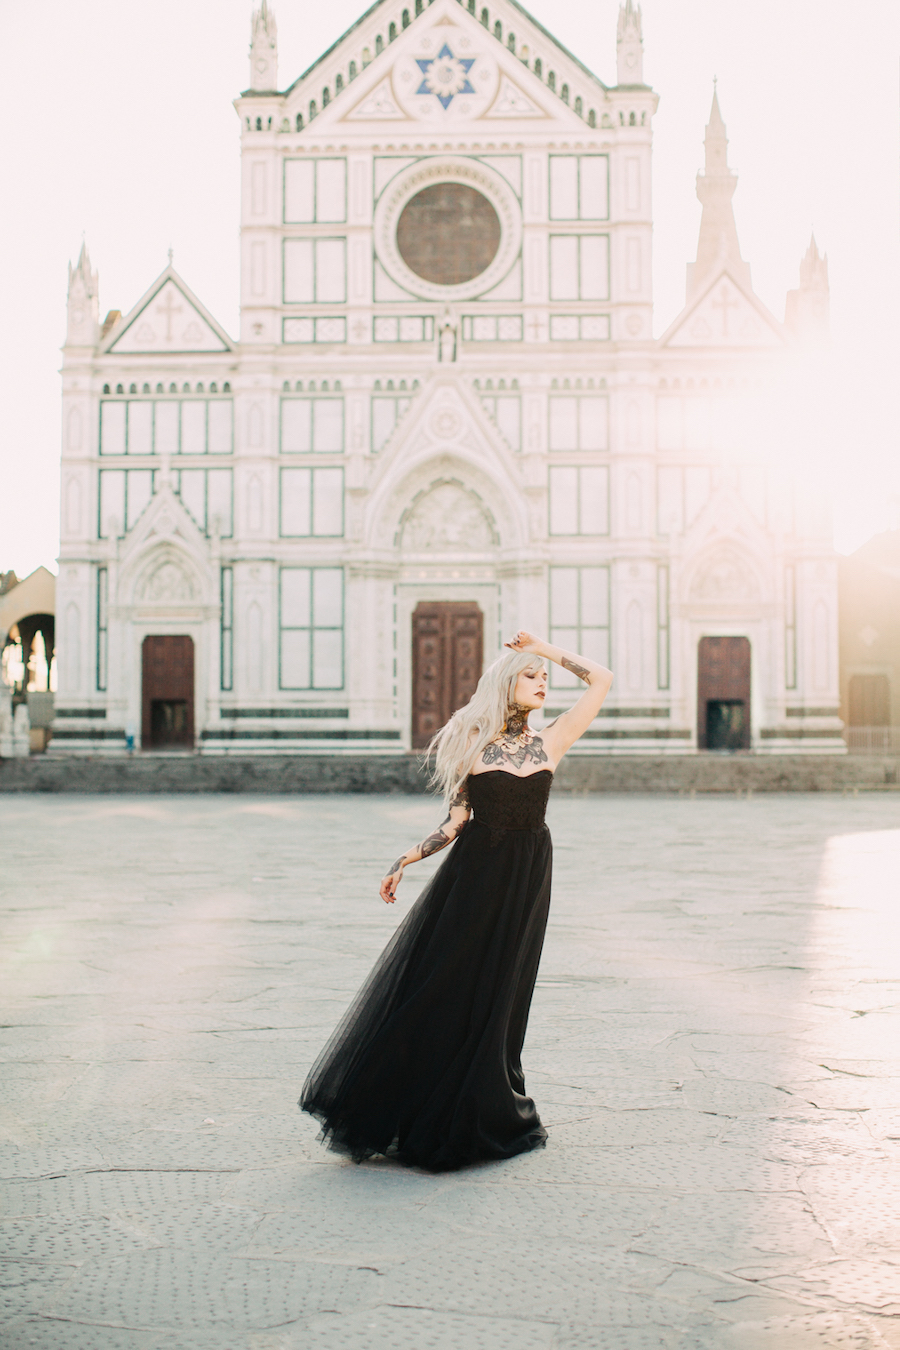 b9ca82ffb86f6 Ispirazione gotica con un abito da sposa nero